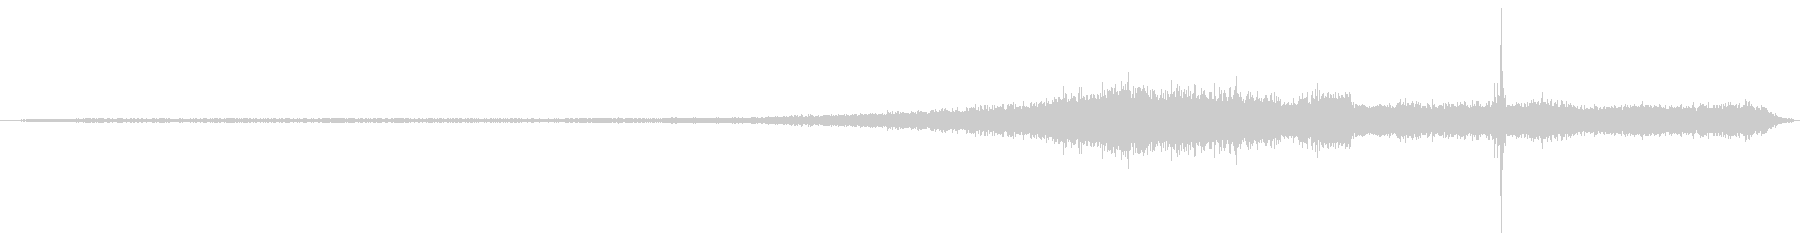 クライスラーパッセンジャーヴァン:...の未再生の波形